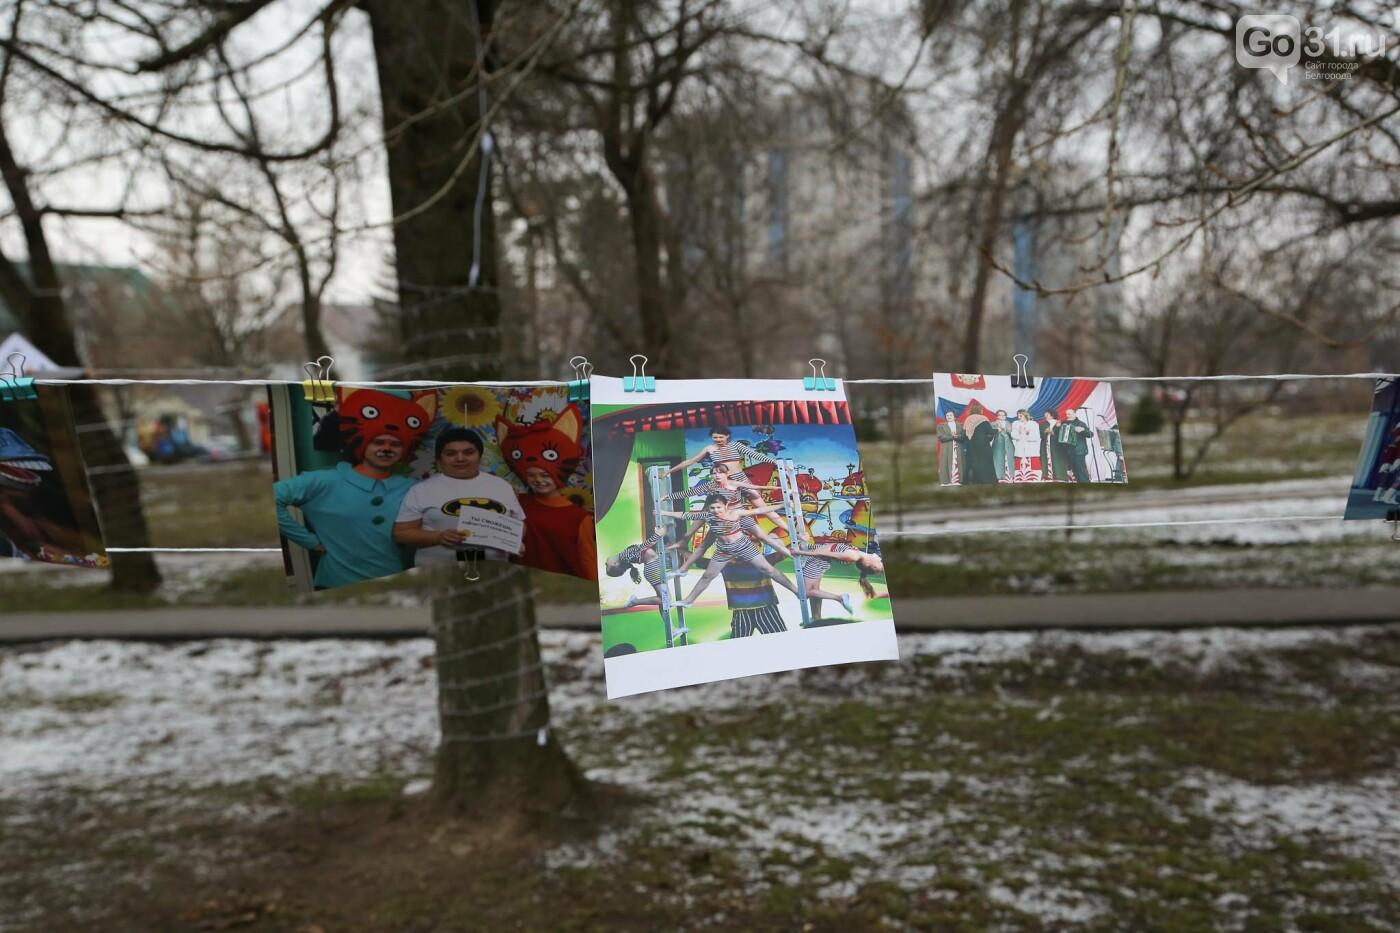 Александр Каракулов: С Центральным парком сейчас всё складывается не лучшим образом, фото-22